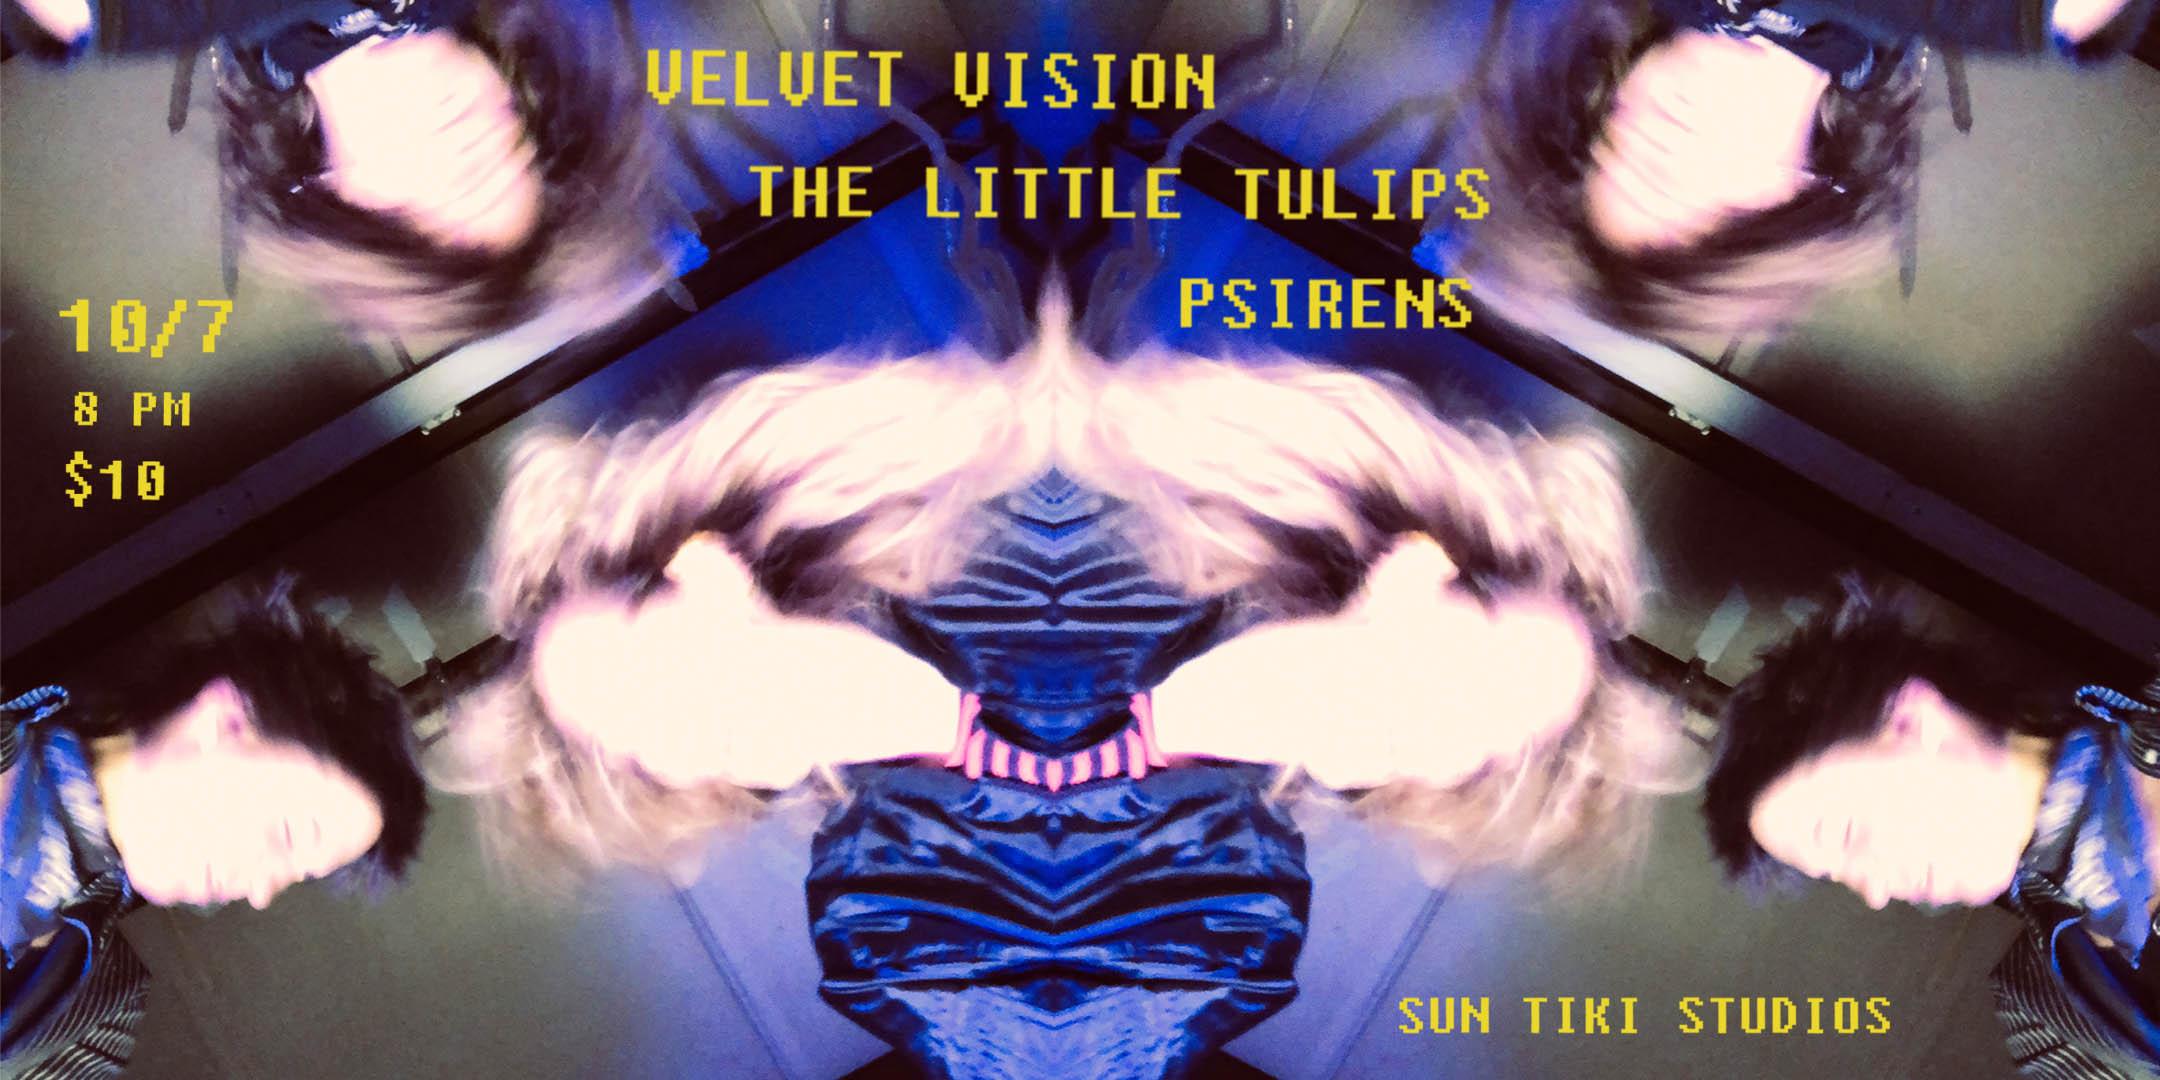 The Little Tulips with Velvet Vision & Psirens